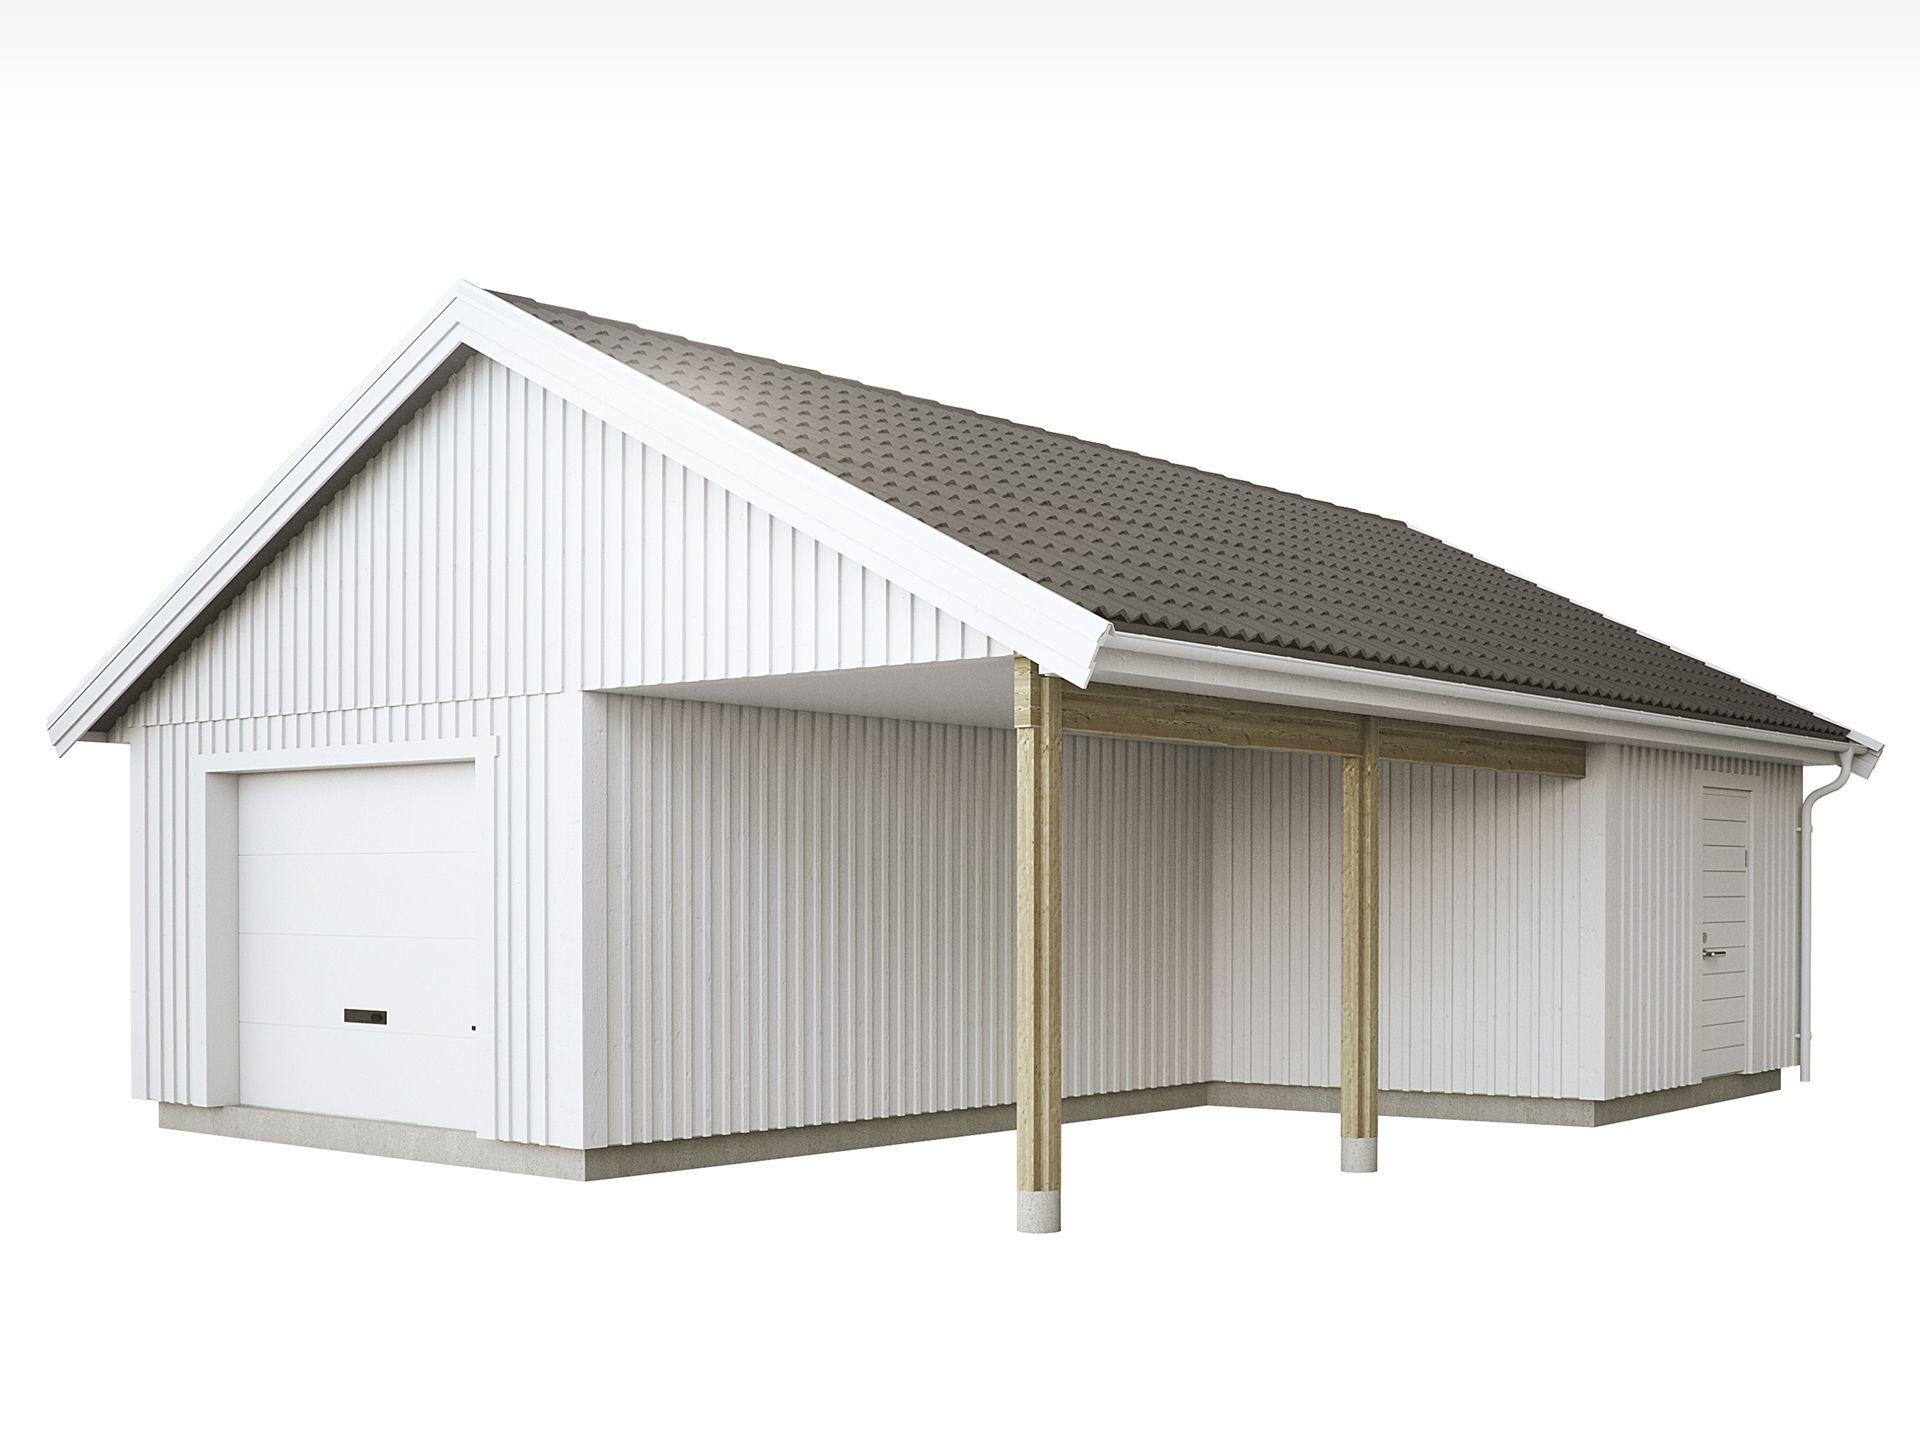 Bildresultat för carport Hus, Garasje